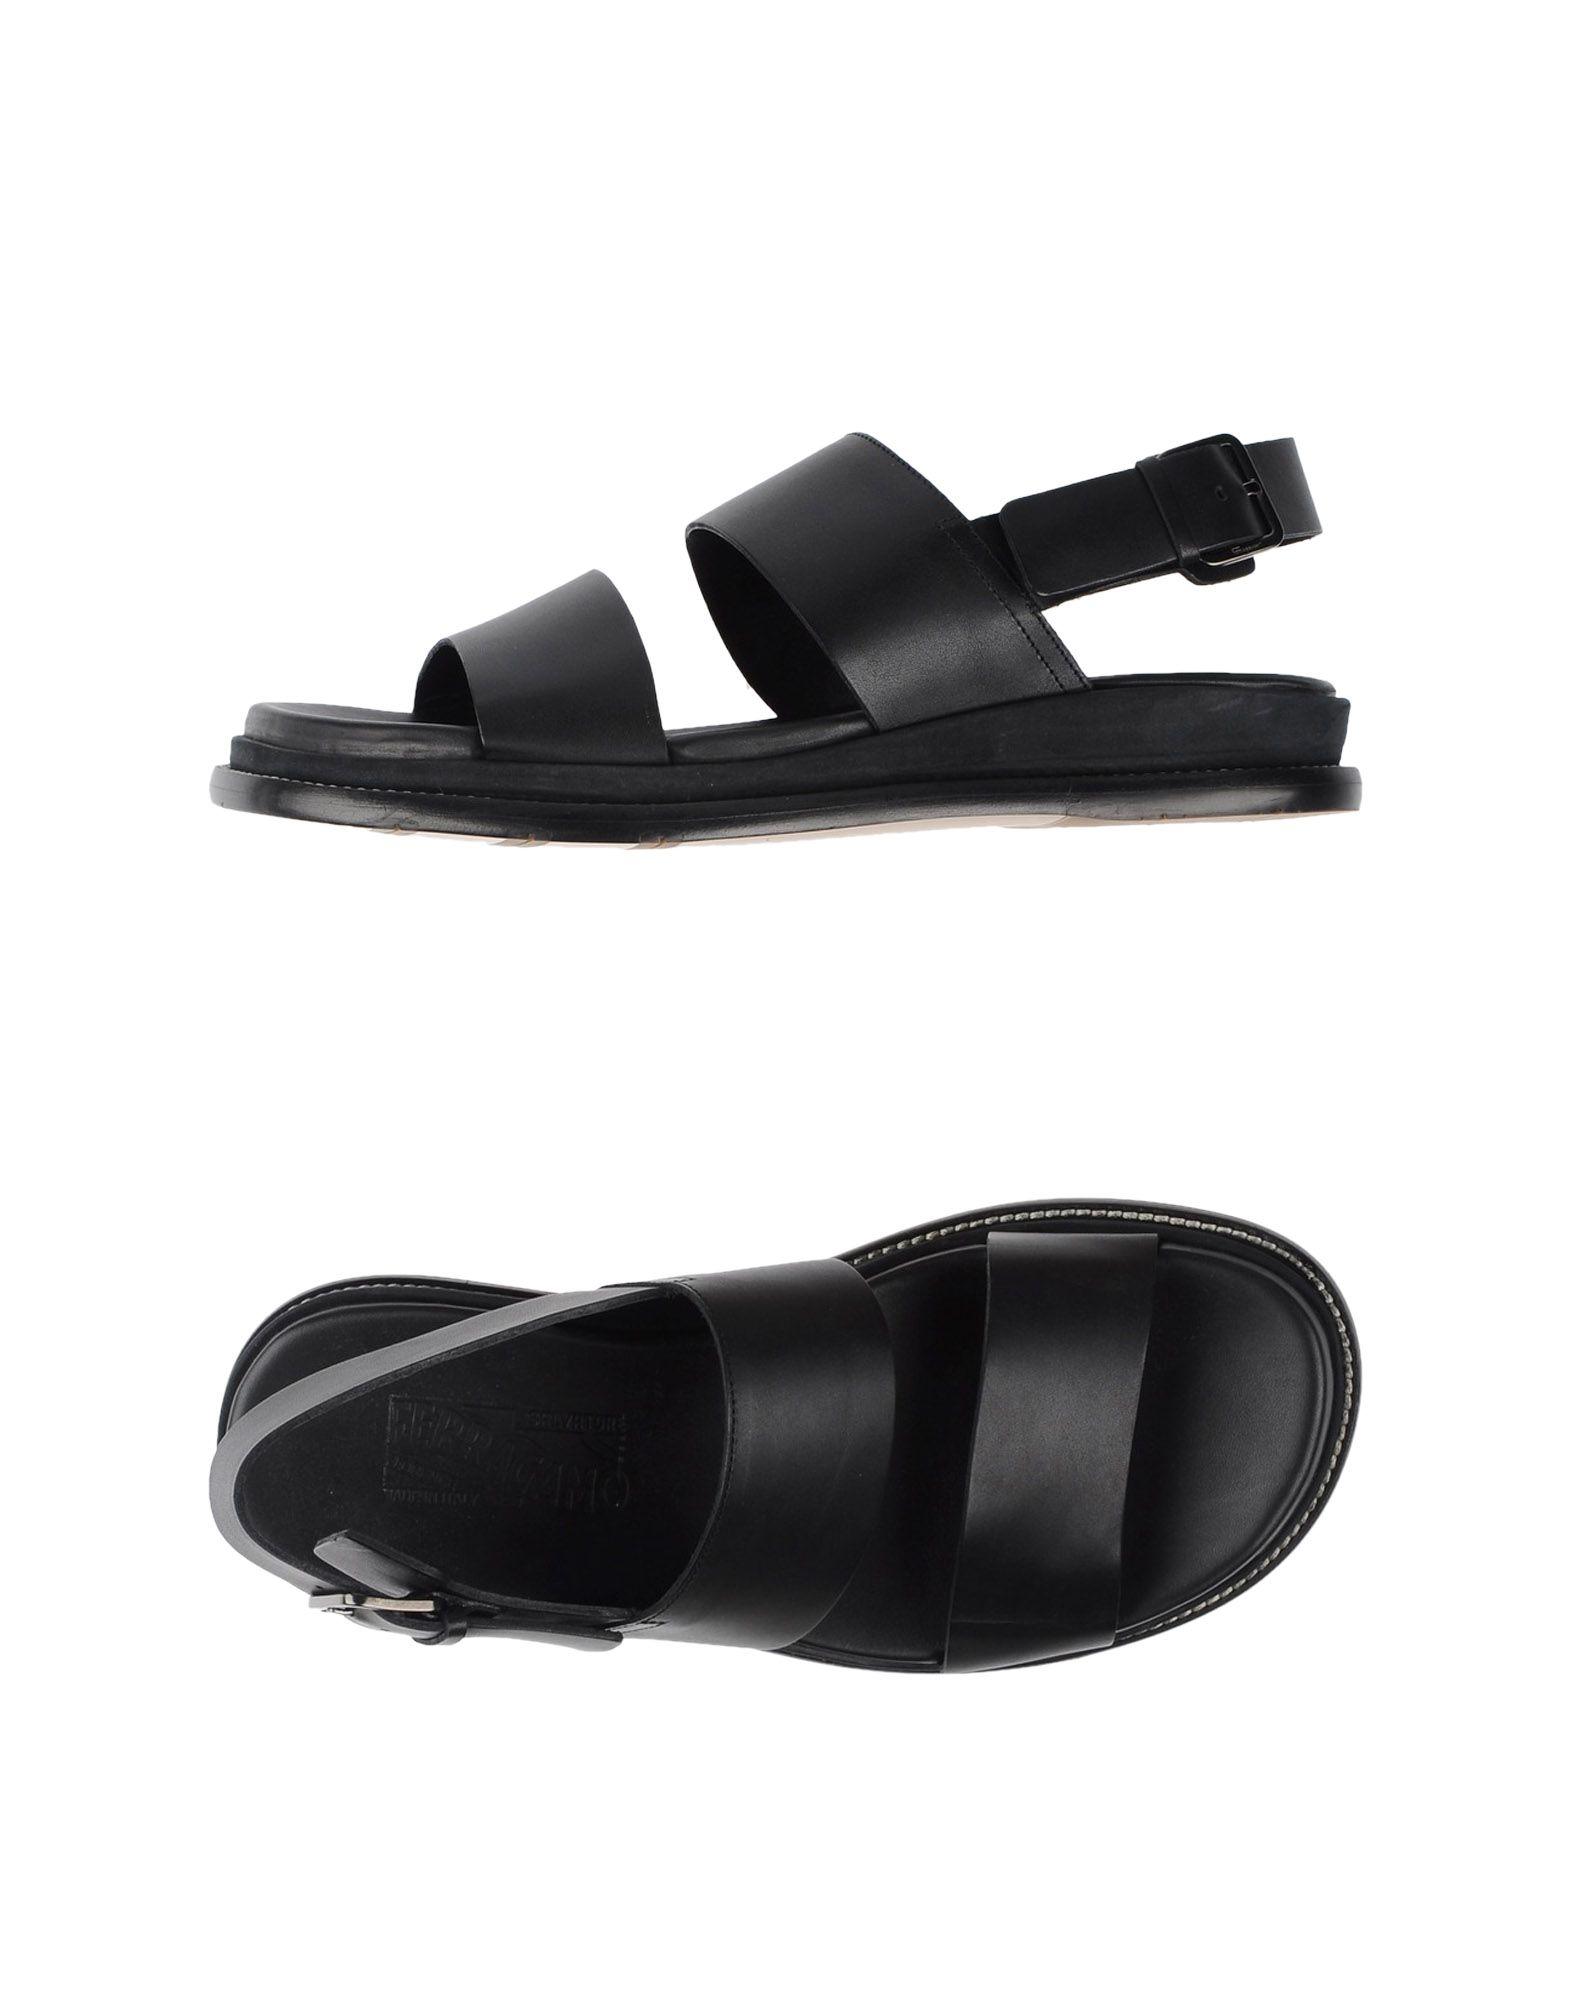 4af62a437f7e Ferragamo Sandals in Black for Men - Lyst